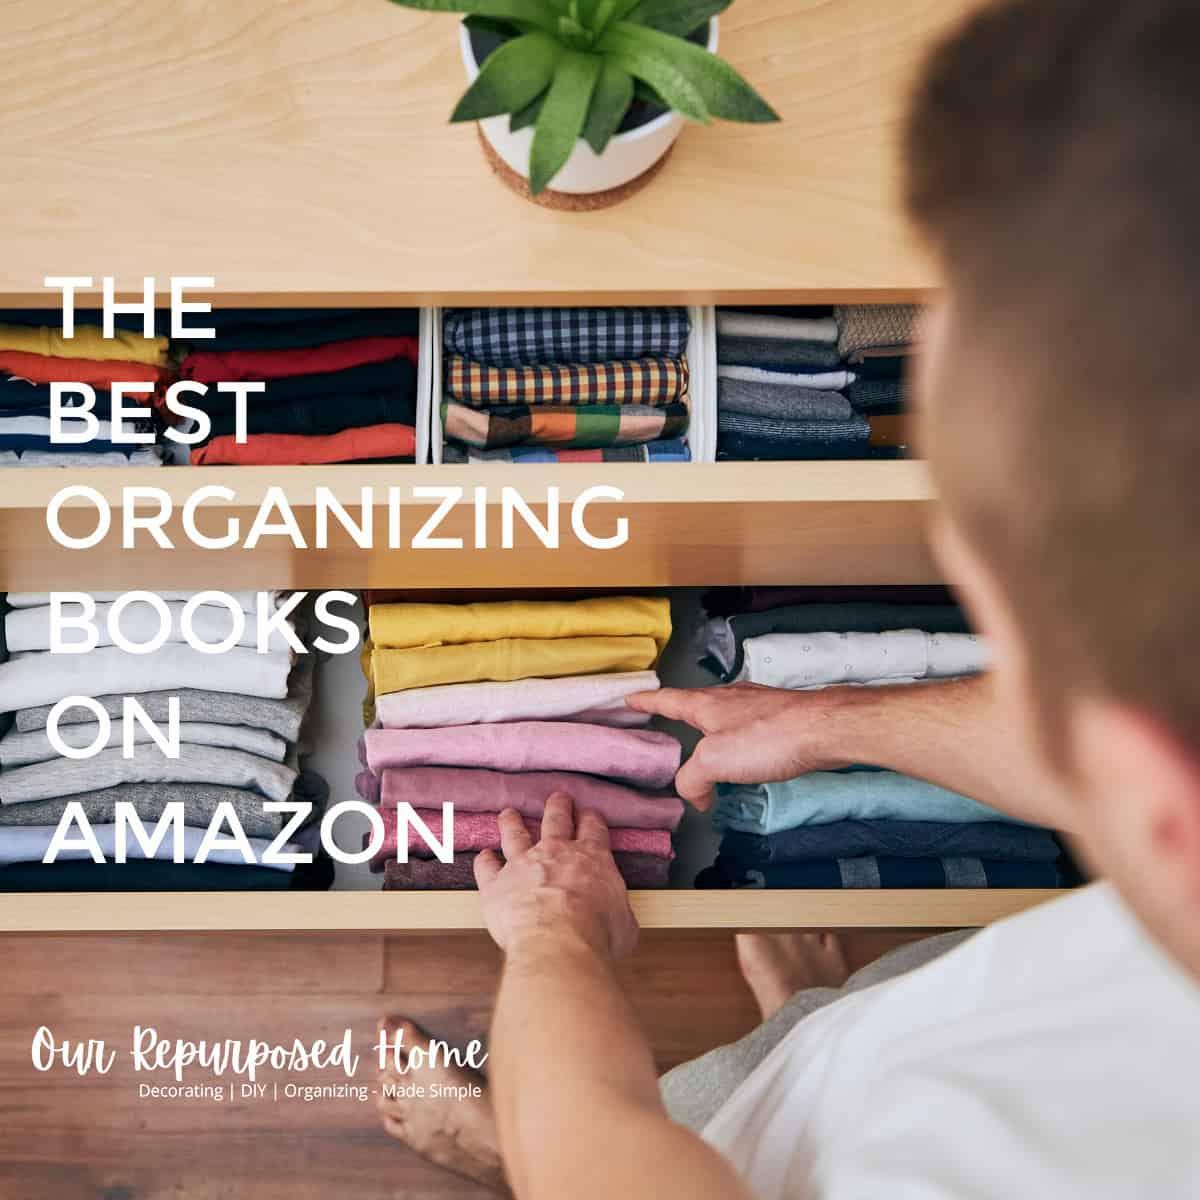 Best organizing books on Amazon